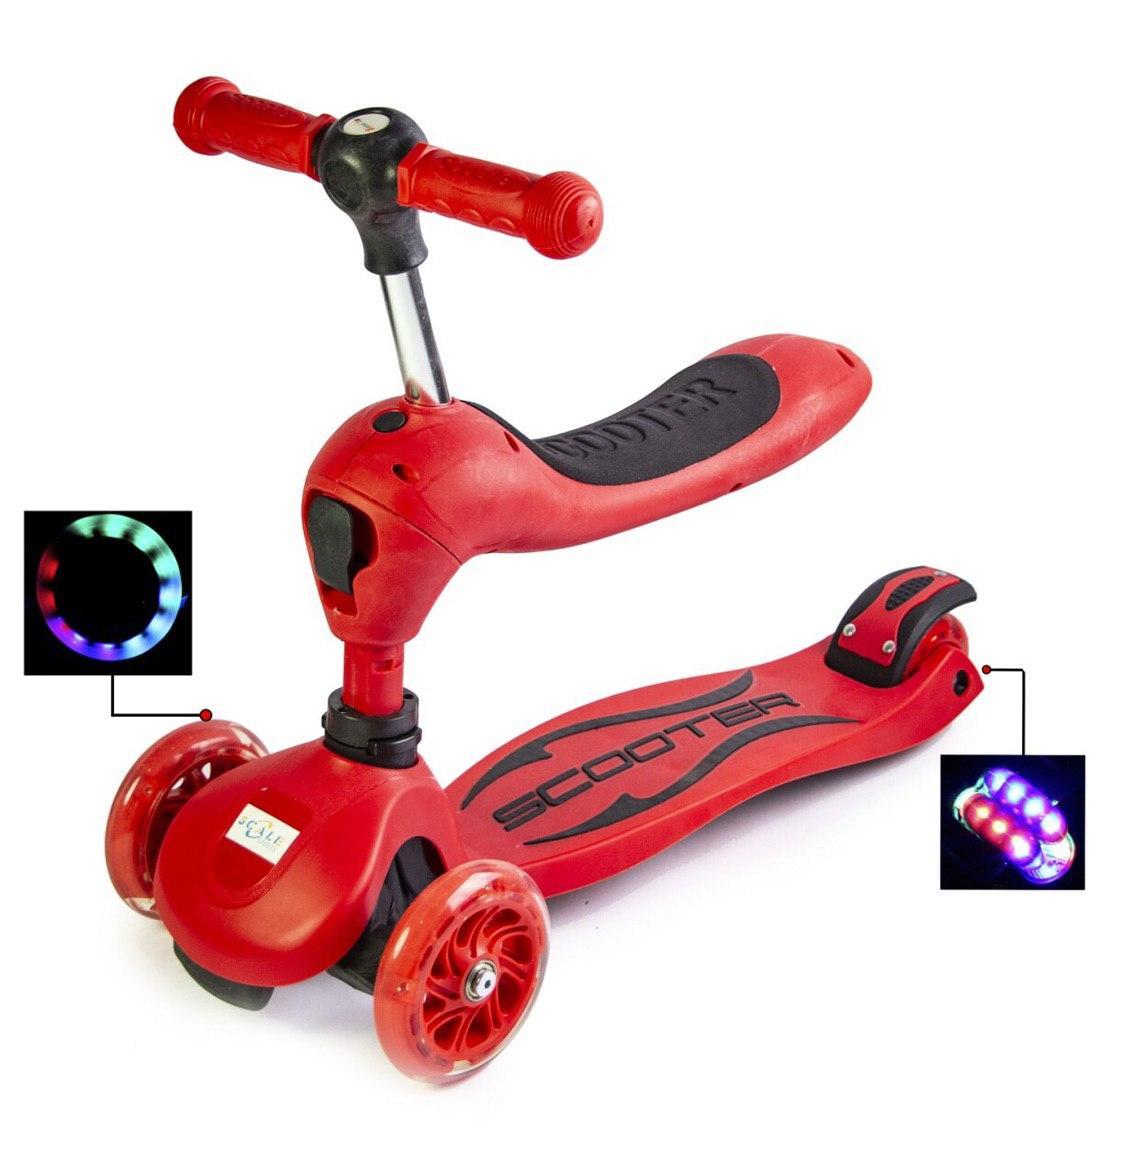 Самокат Трансформер 5 в 1 Scale Sports для мальчика, от 2 лет, Красный